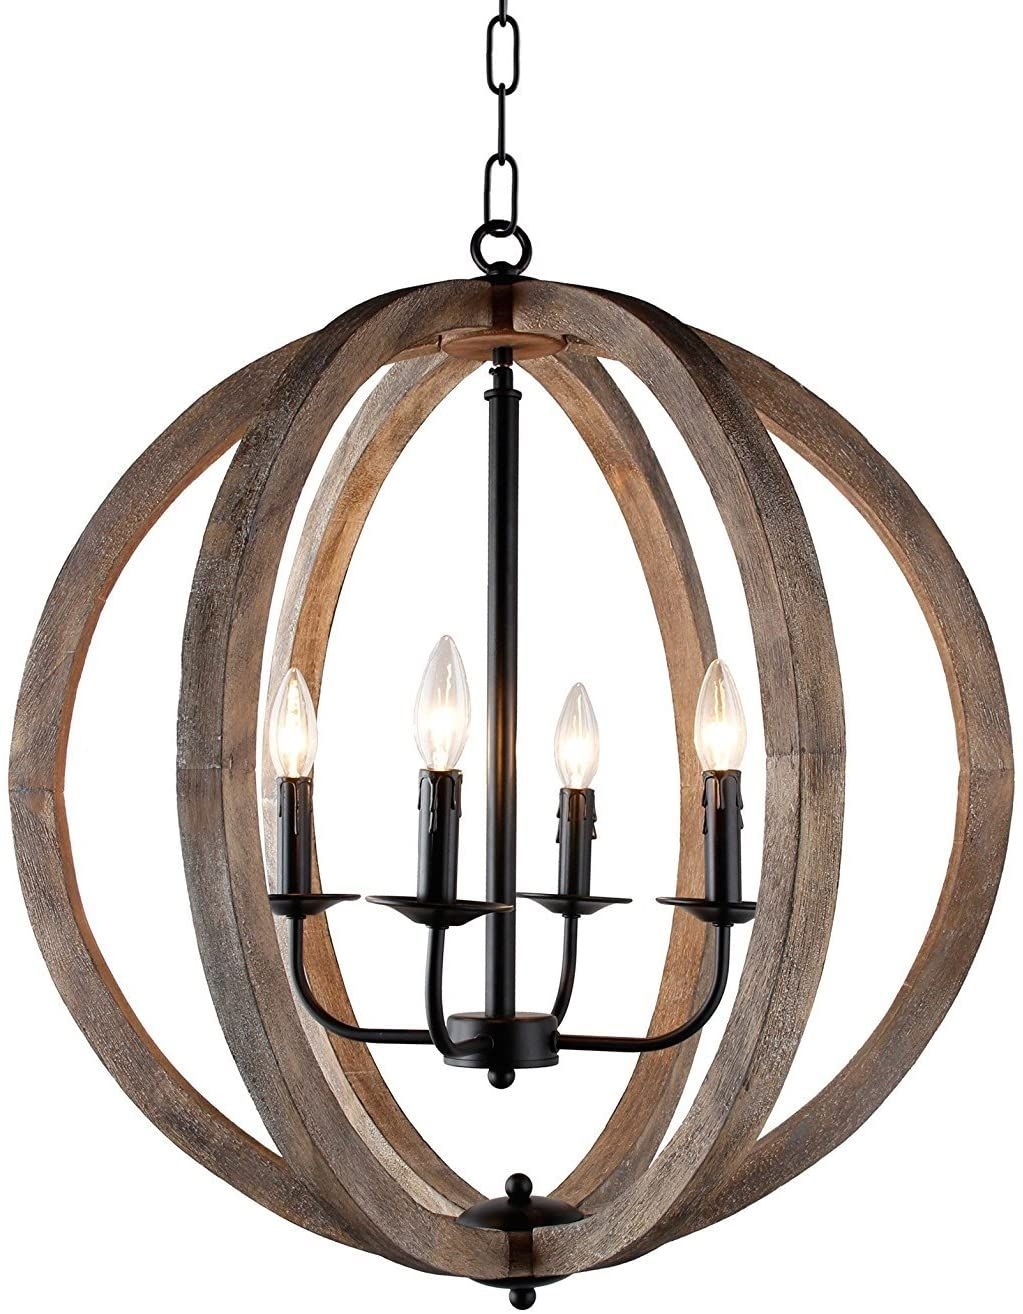 Pin On Chandelier Lighting Ideas Luxury Chandeliers